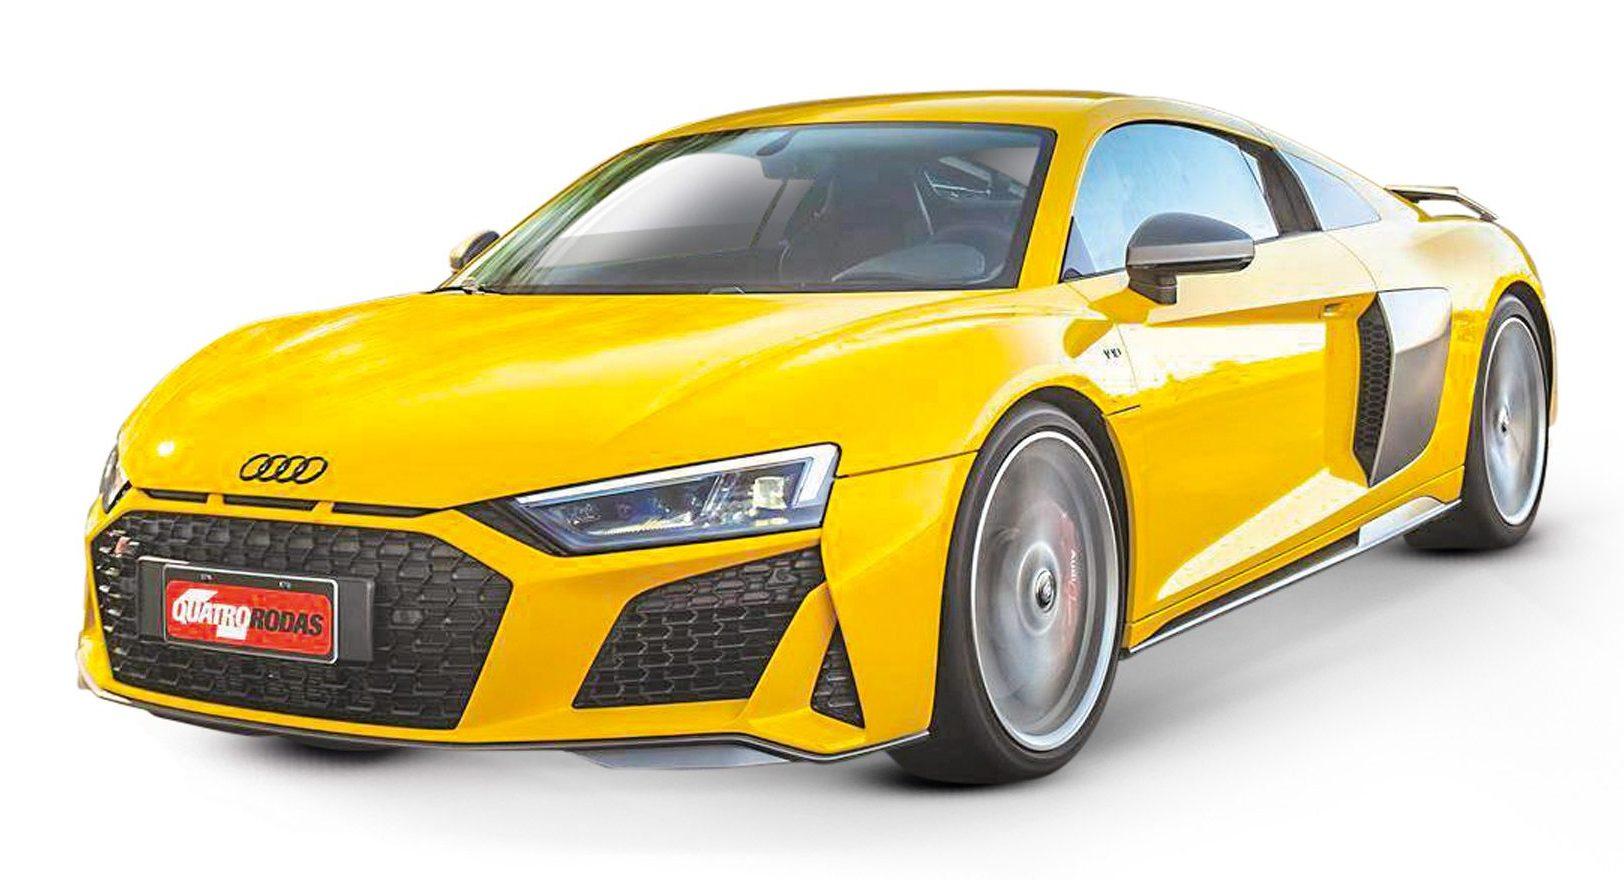 Audi R8 5.2 Perform. Quattro